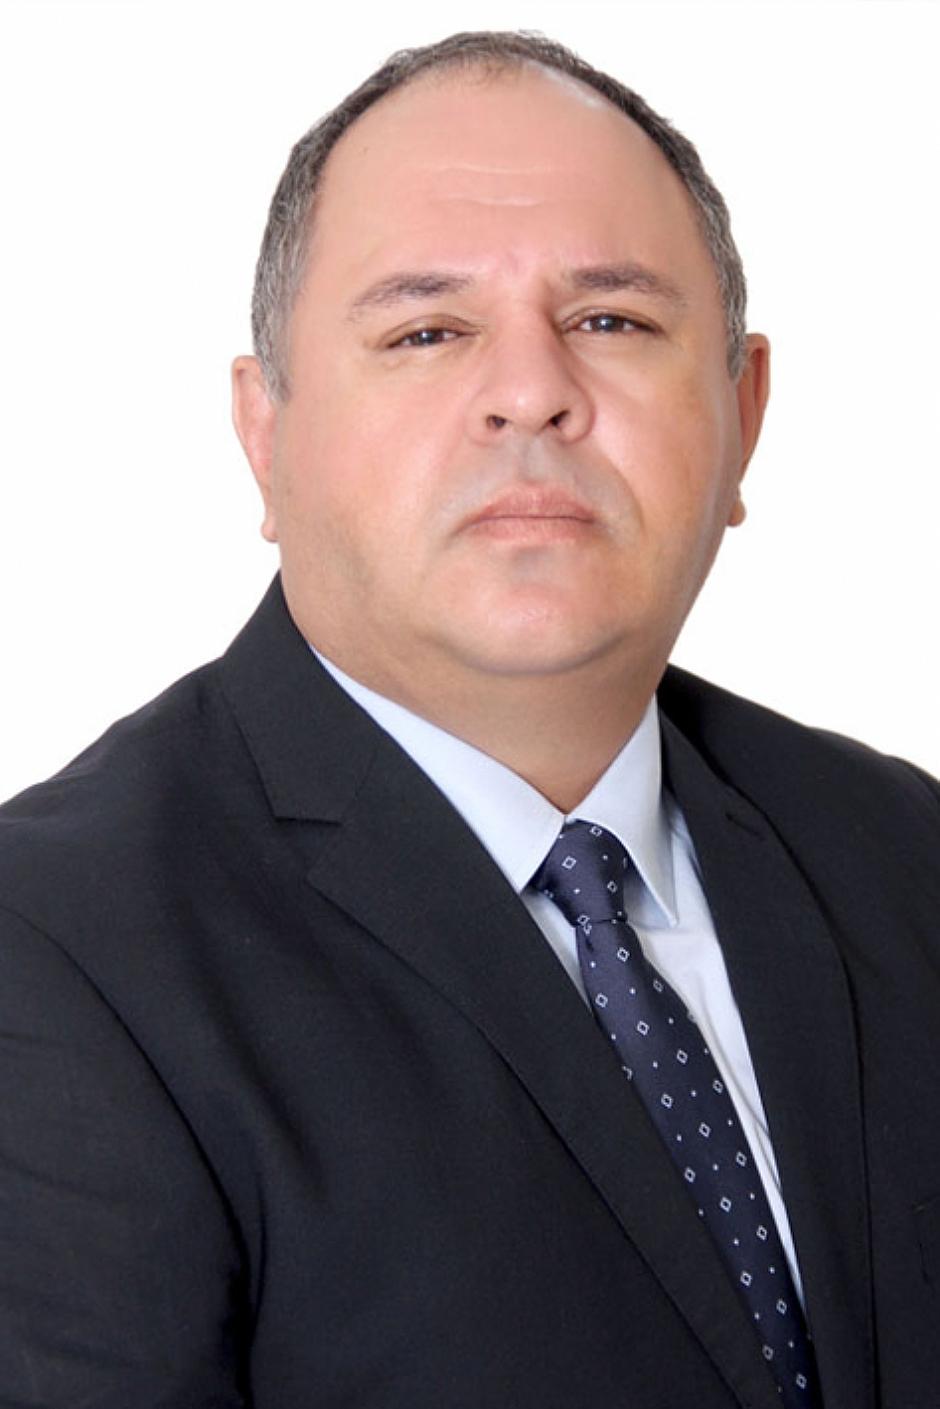 Paulo Sérgio Zaniboni